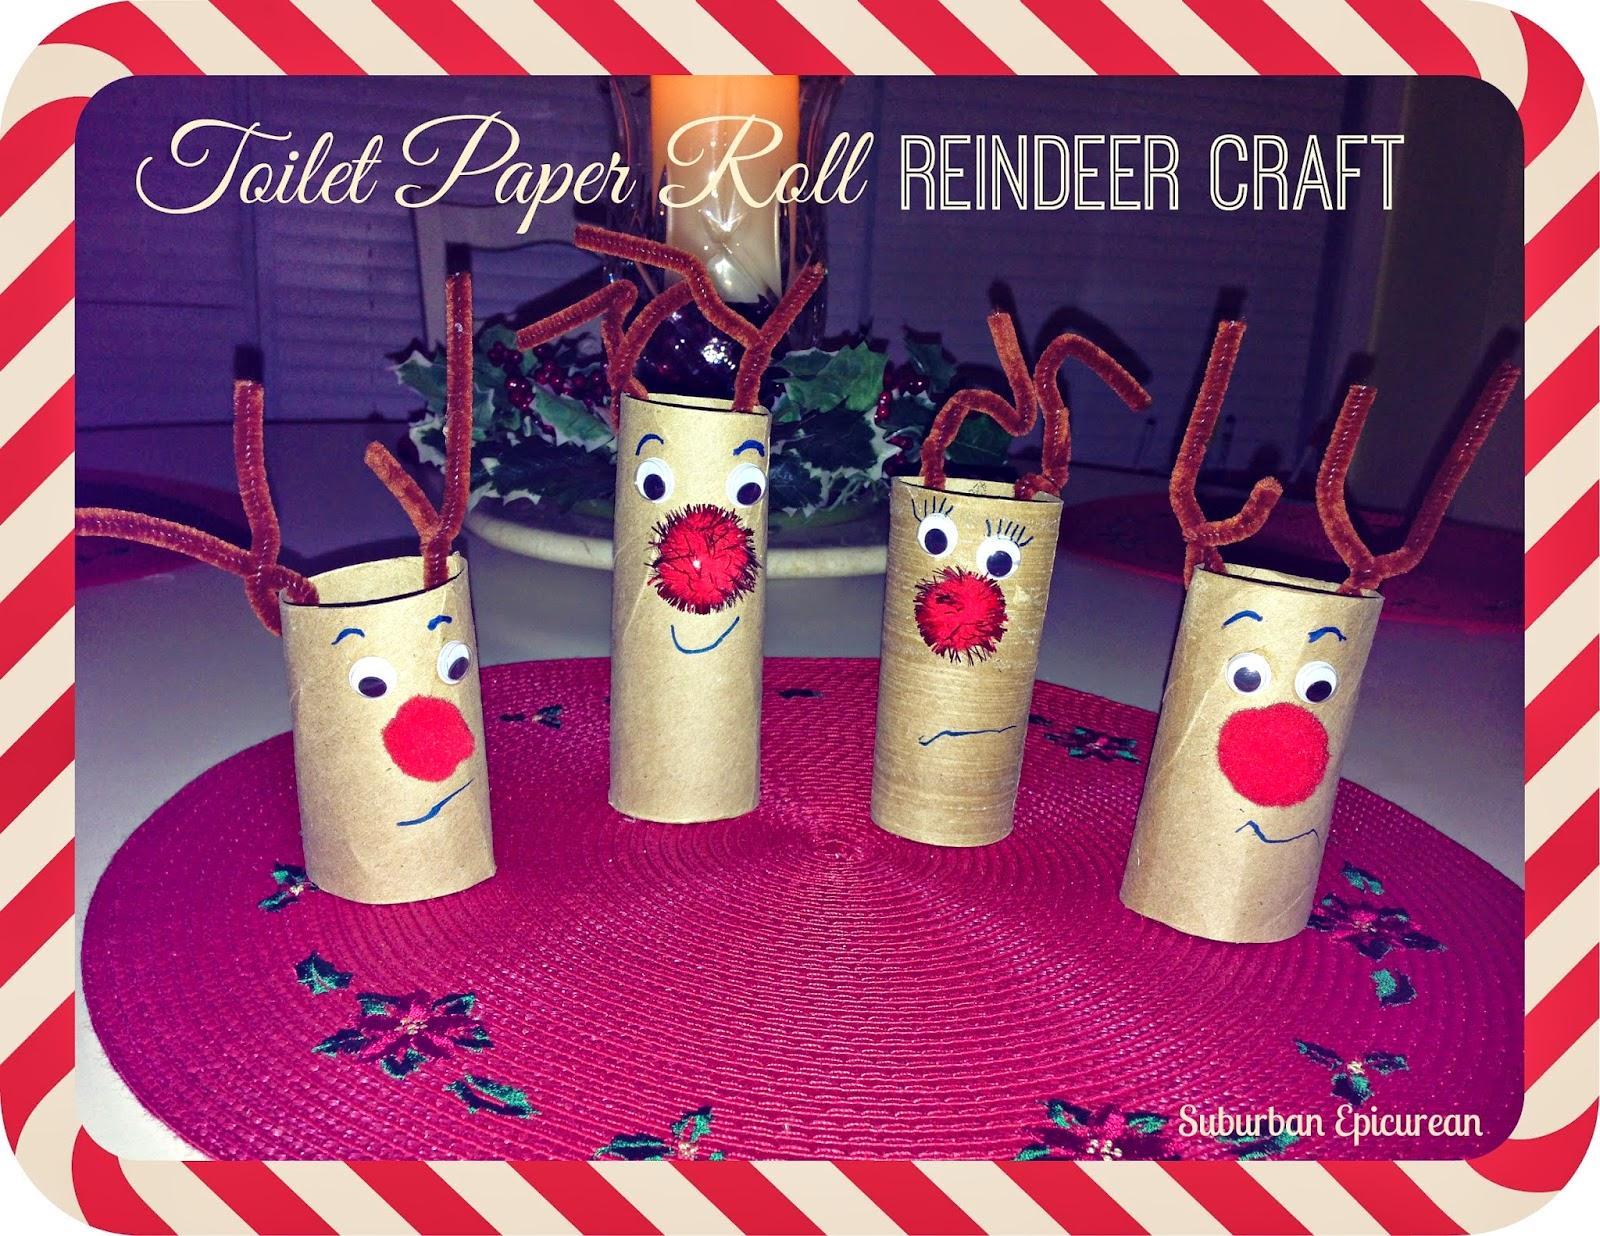 Suburban epicurean toilet paper roll reindeer craft